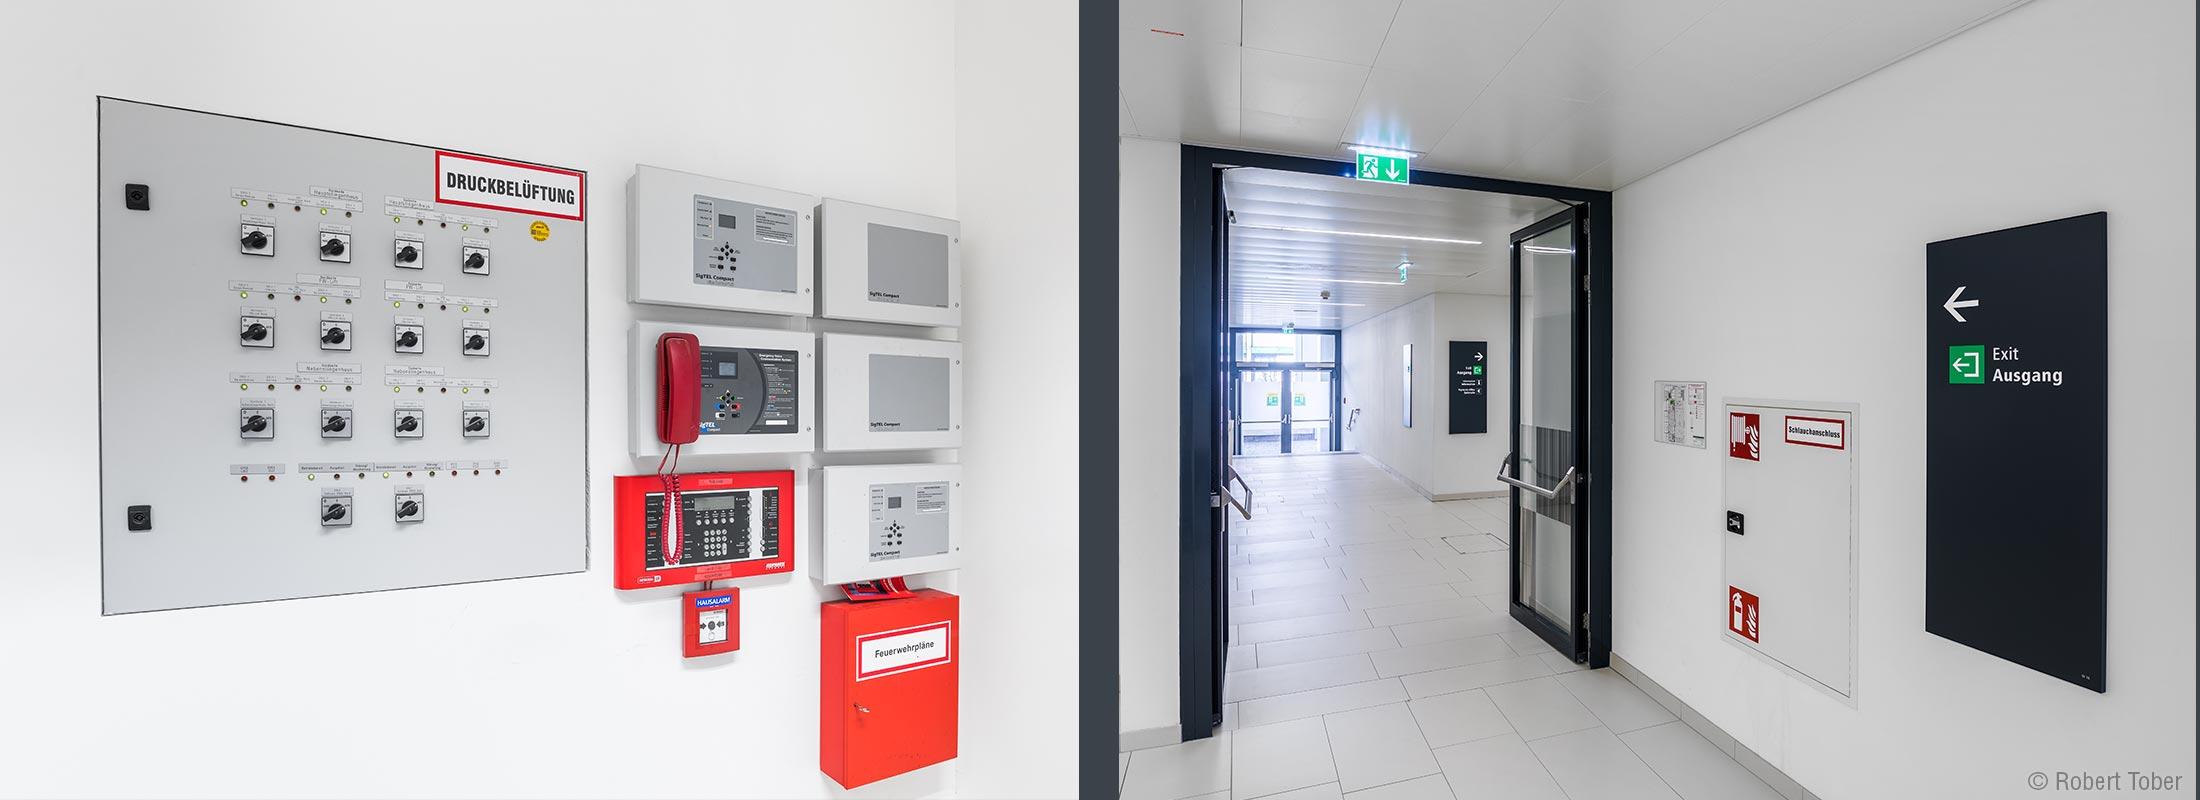 Bundesverwaltungsgericht Wien · Bedientafel der Druckbelüftungsanlage · Flucht- und Rettungswege nach Plänen von HOYER Brandschutz © Robert Tober